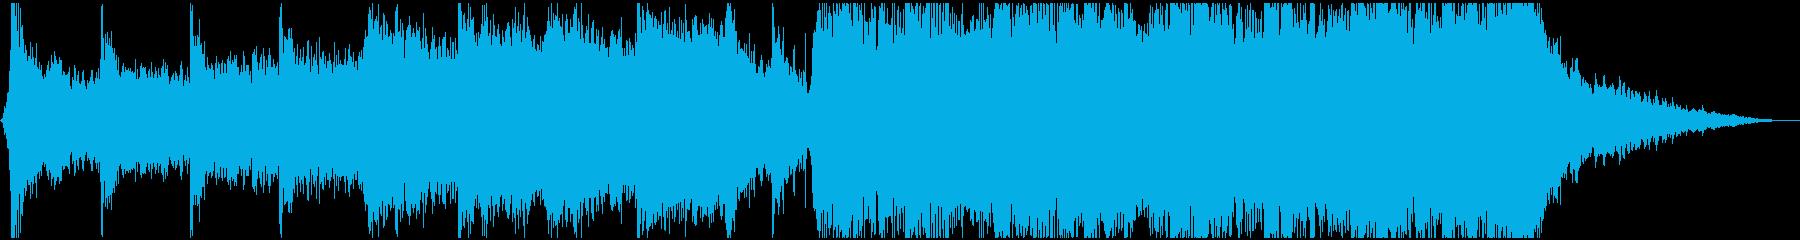 モダン テクノ バトル せっかち ...の再生済みの波形